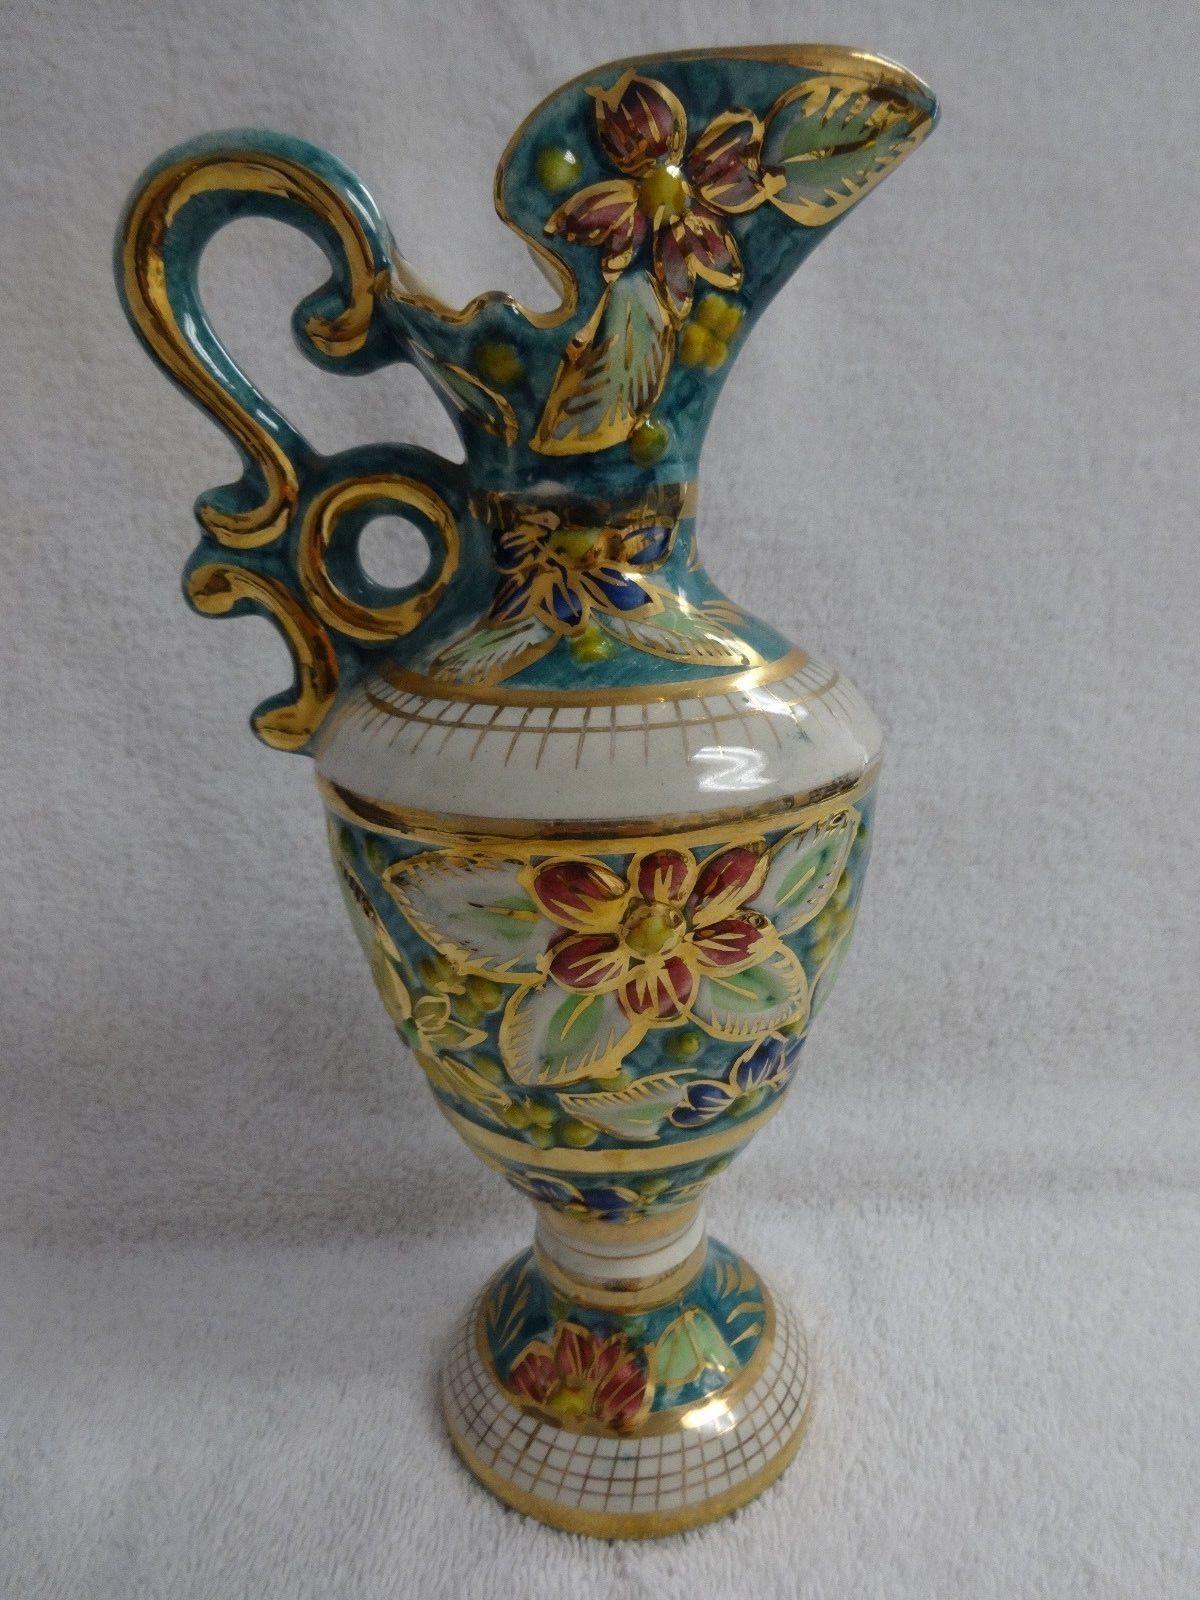 Vintage hand painted h bequet quaregnon majolica anemone vintage hand painted h bequet quaregnon majolica anemone porcelain ewer vase ebay reviewsmspy